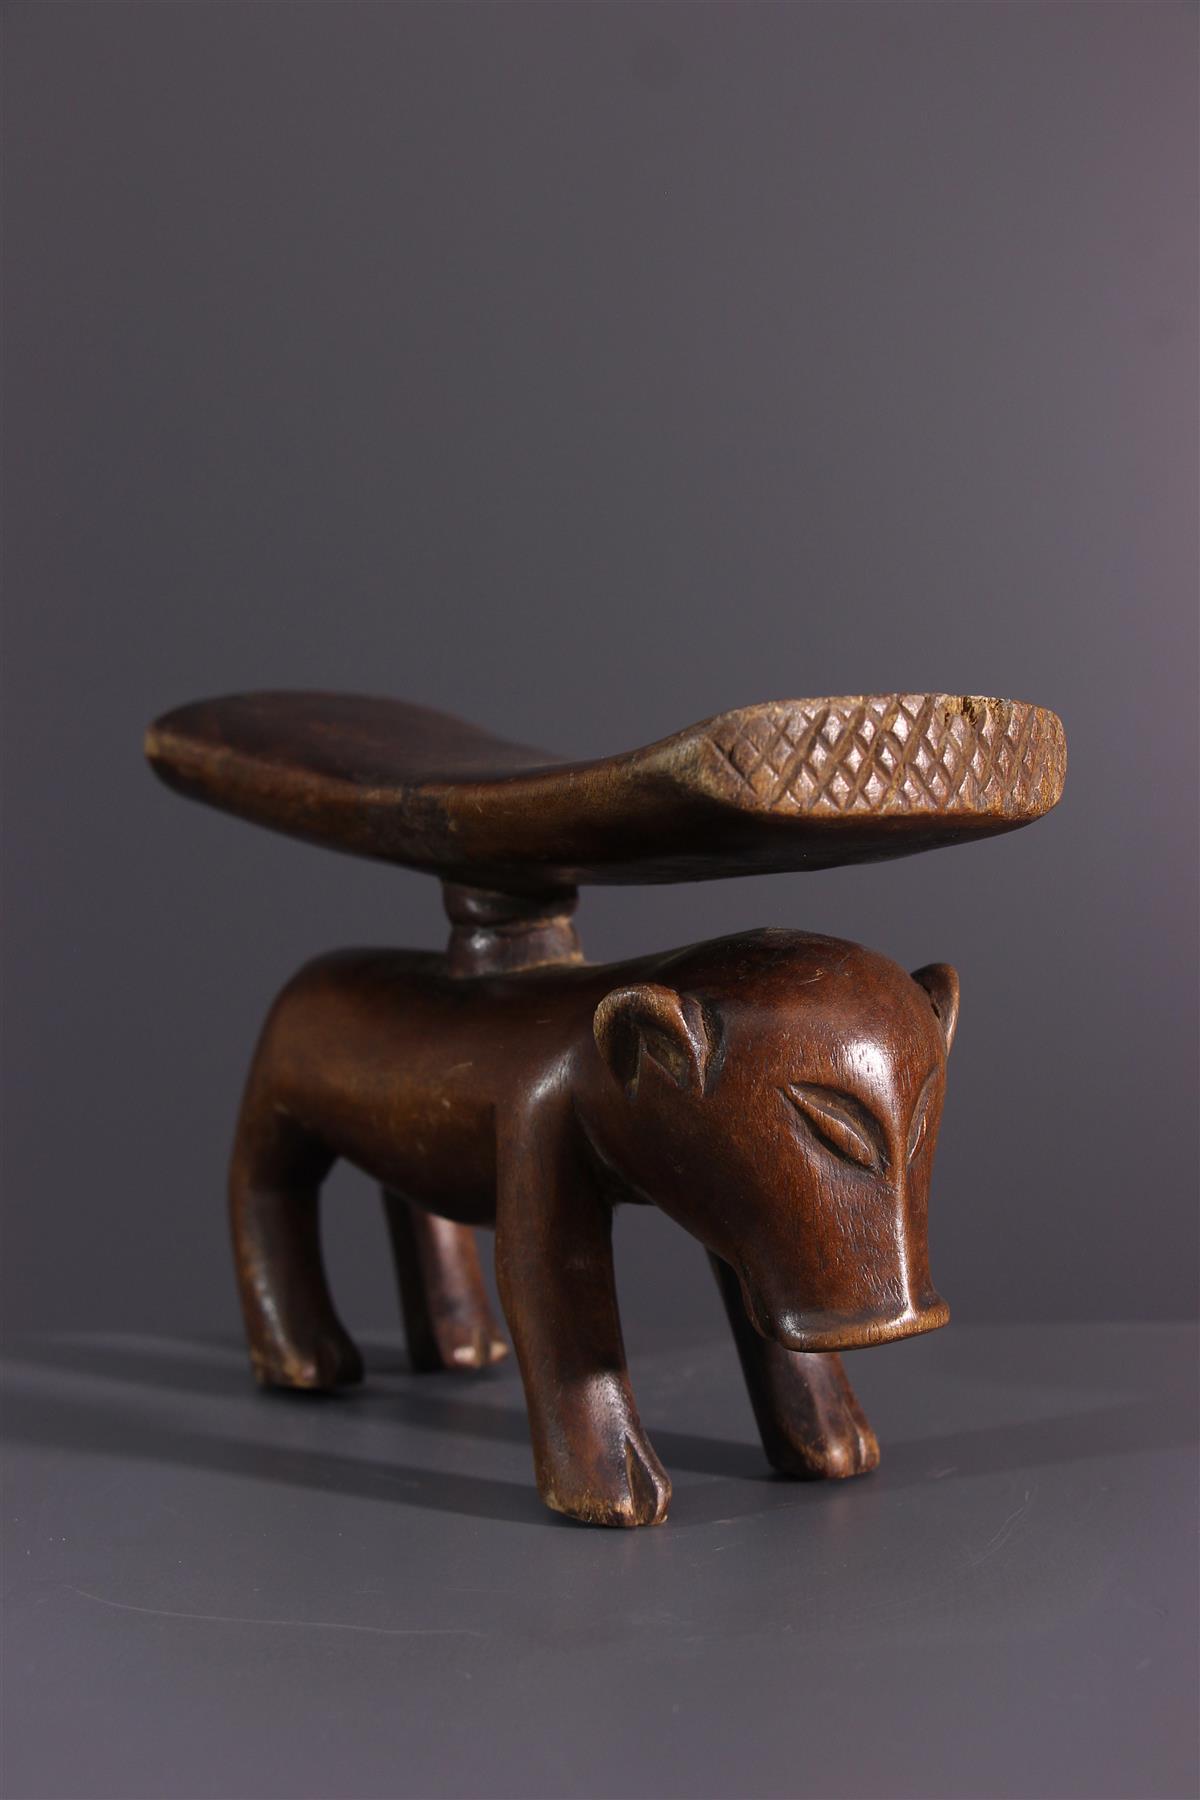 Tschokwe neck press - African art